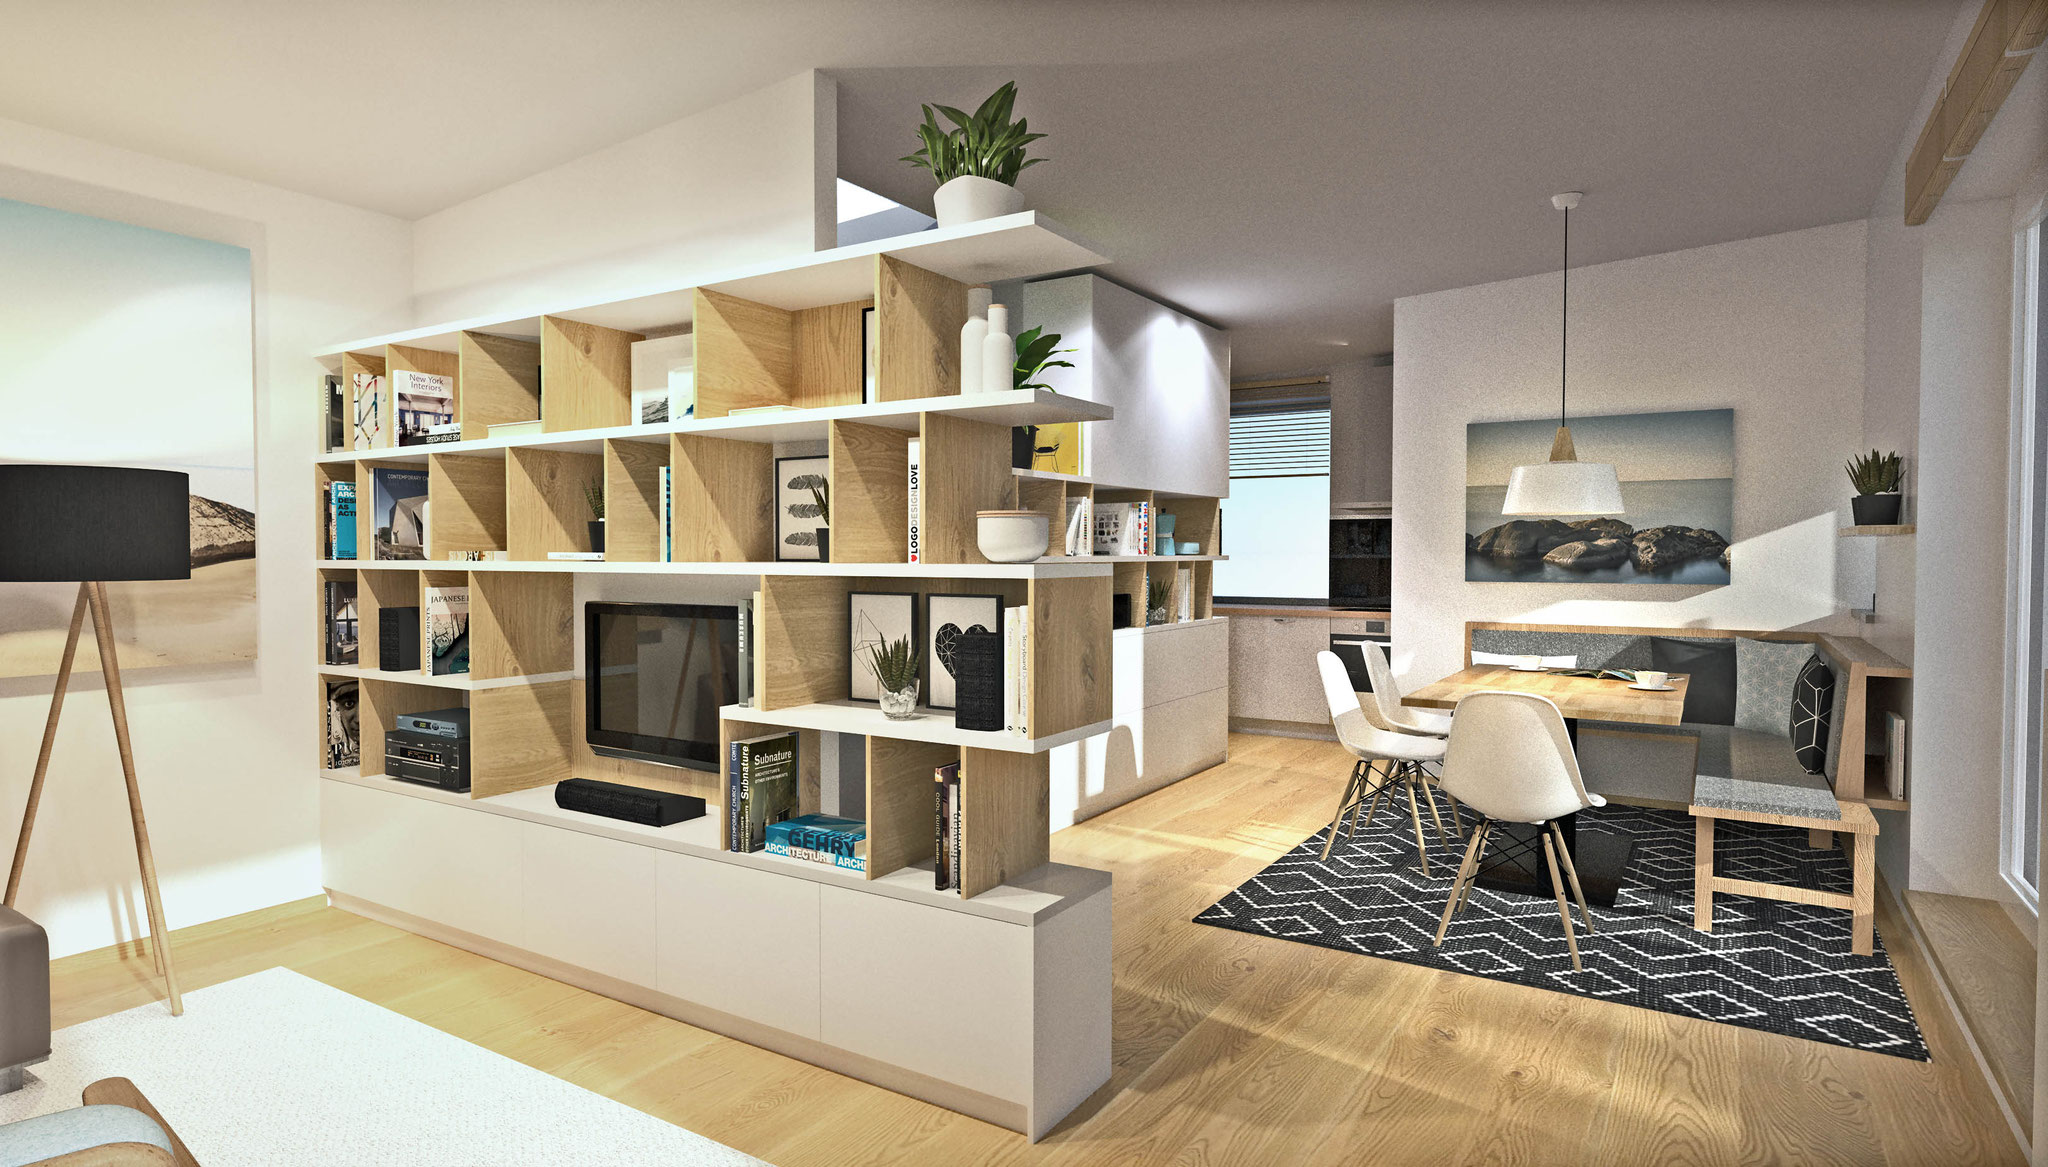 Wohnbereich - Wohnwand